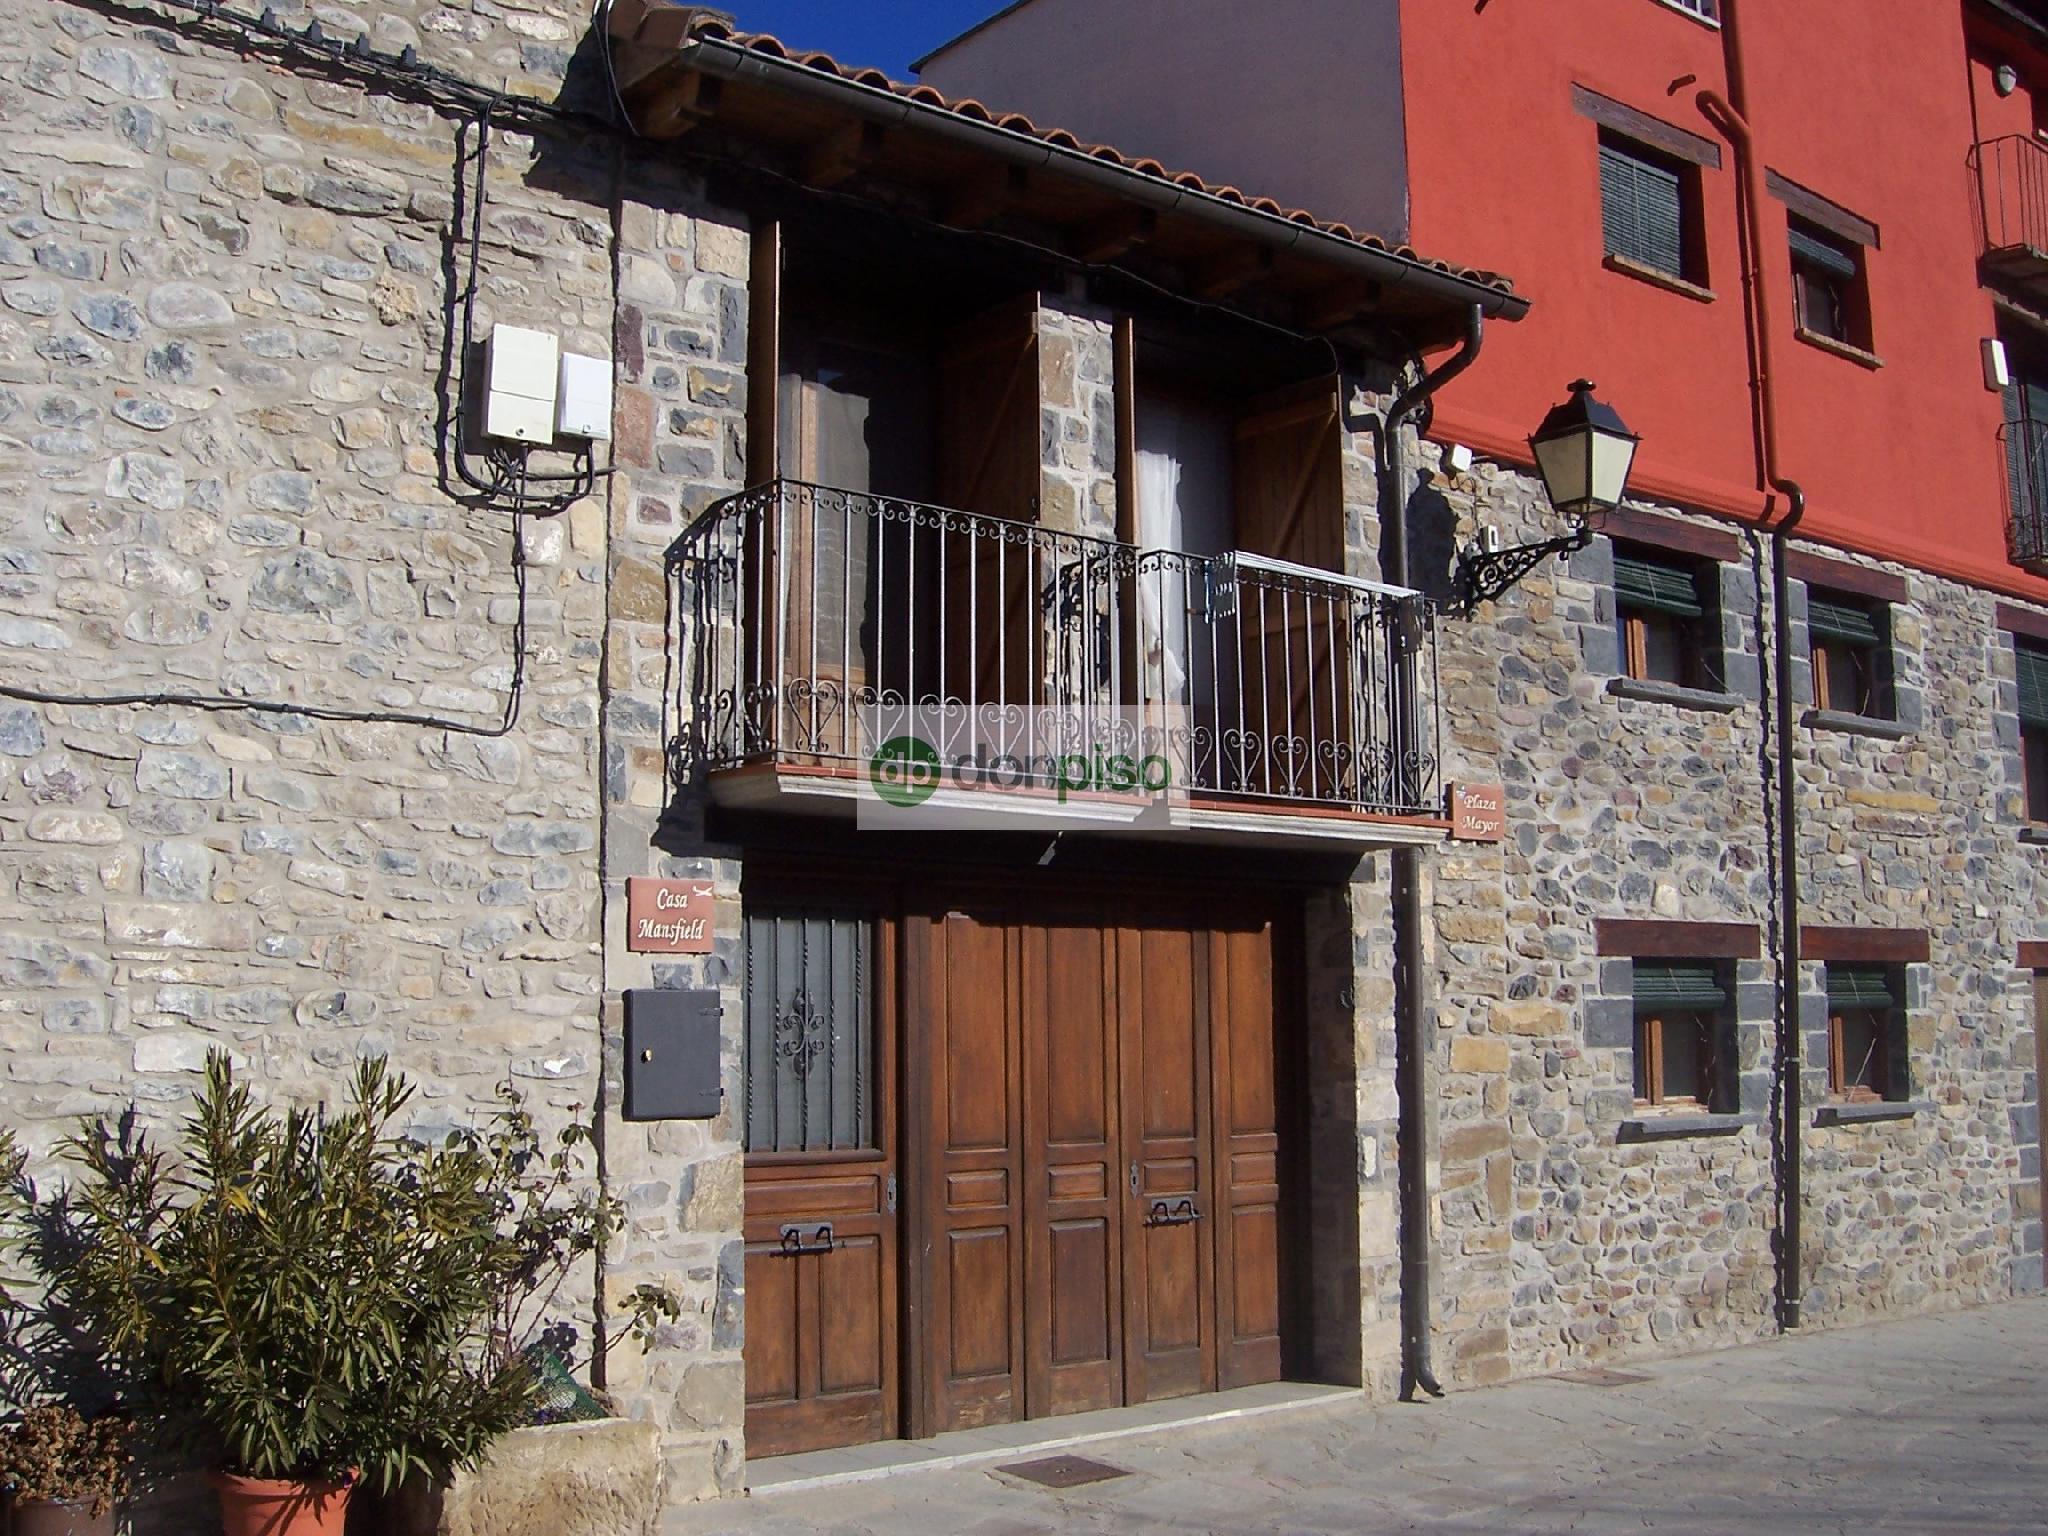 Casa santa cilia de jaca santa cilia huesca 07221 - Comprar casa en jaca ...